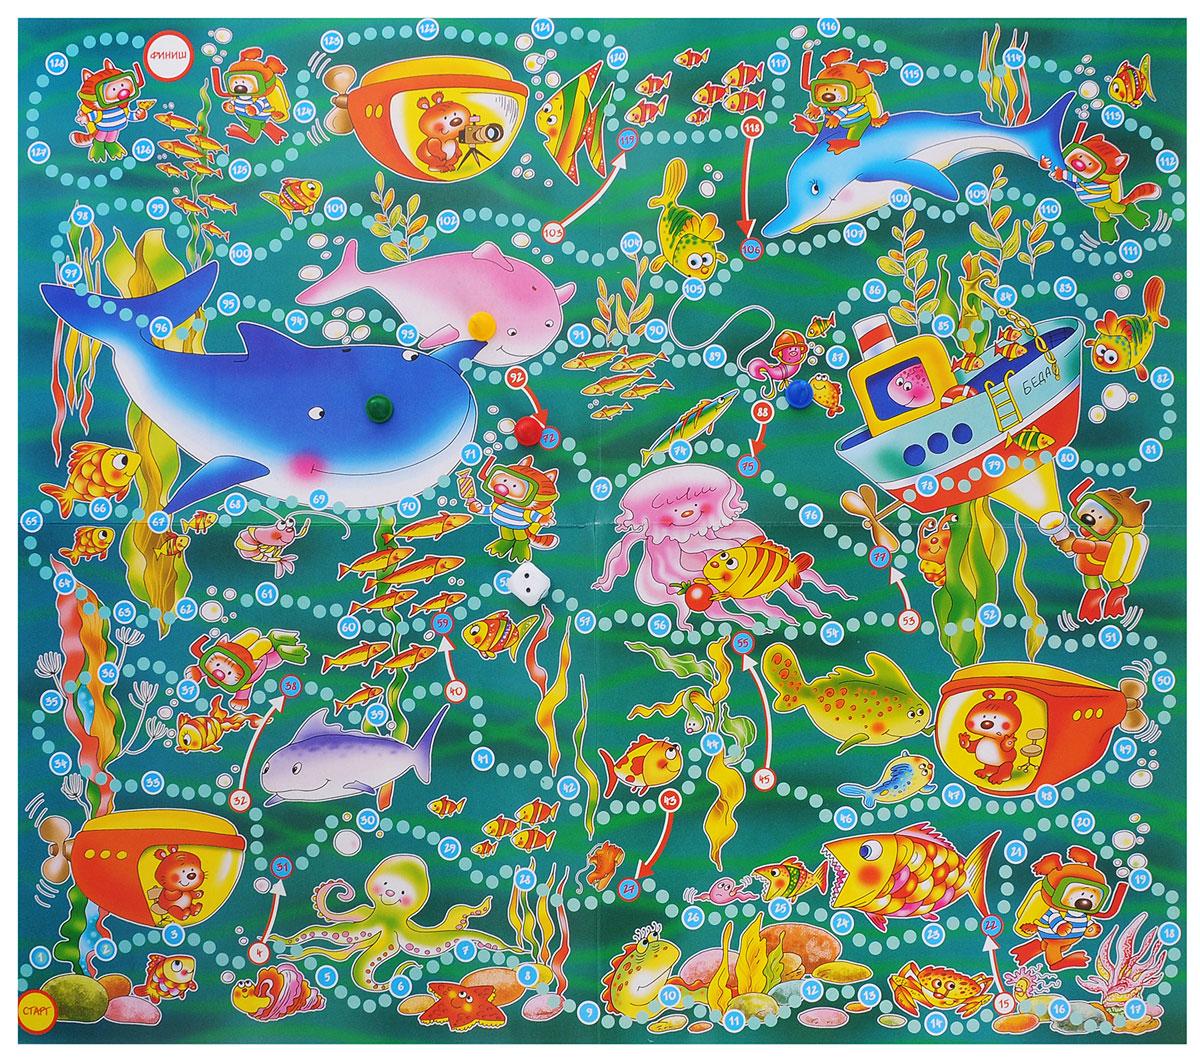 Дрофа-Медиа Игра-ходилка Подводные приключения1789Традиционные игры-ходилки с кубиком и фишками направлены на развитие эмоций и умения ребенка общаться с другими детьми. С захватывающими и интересными играми ребята весело проведут свое свободное время, совершив увлекательное путешествие с героями любимых сказок или полет на воздушном шаре, смогут поиграть в кошки-мышки или отправиться в подводное приключение. Сюжеты столь разнообразны, что каждый найдет себе игру по вкусу. В игру-ходилку Дрофа-Медиа Подводные приключения играть могут четверо. Фишки ставят на старт и определяют первенство хода. Бросив кубик, игроки делают столько ходов по кружкам на игровом поле, сколько очков выпало на кубике. Выиграет тот, кто первым доберется до финиша.